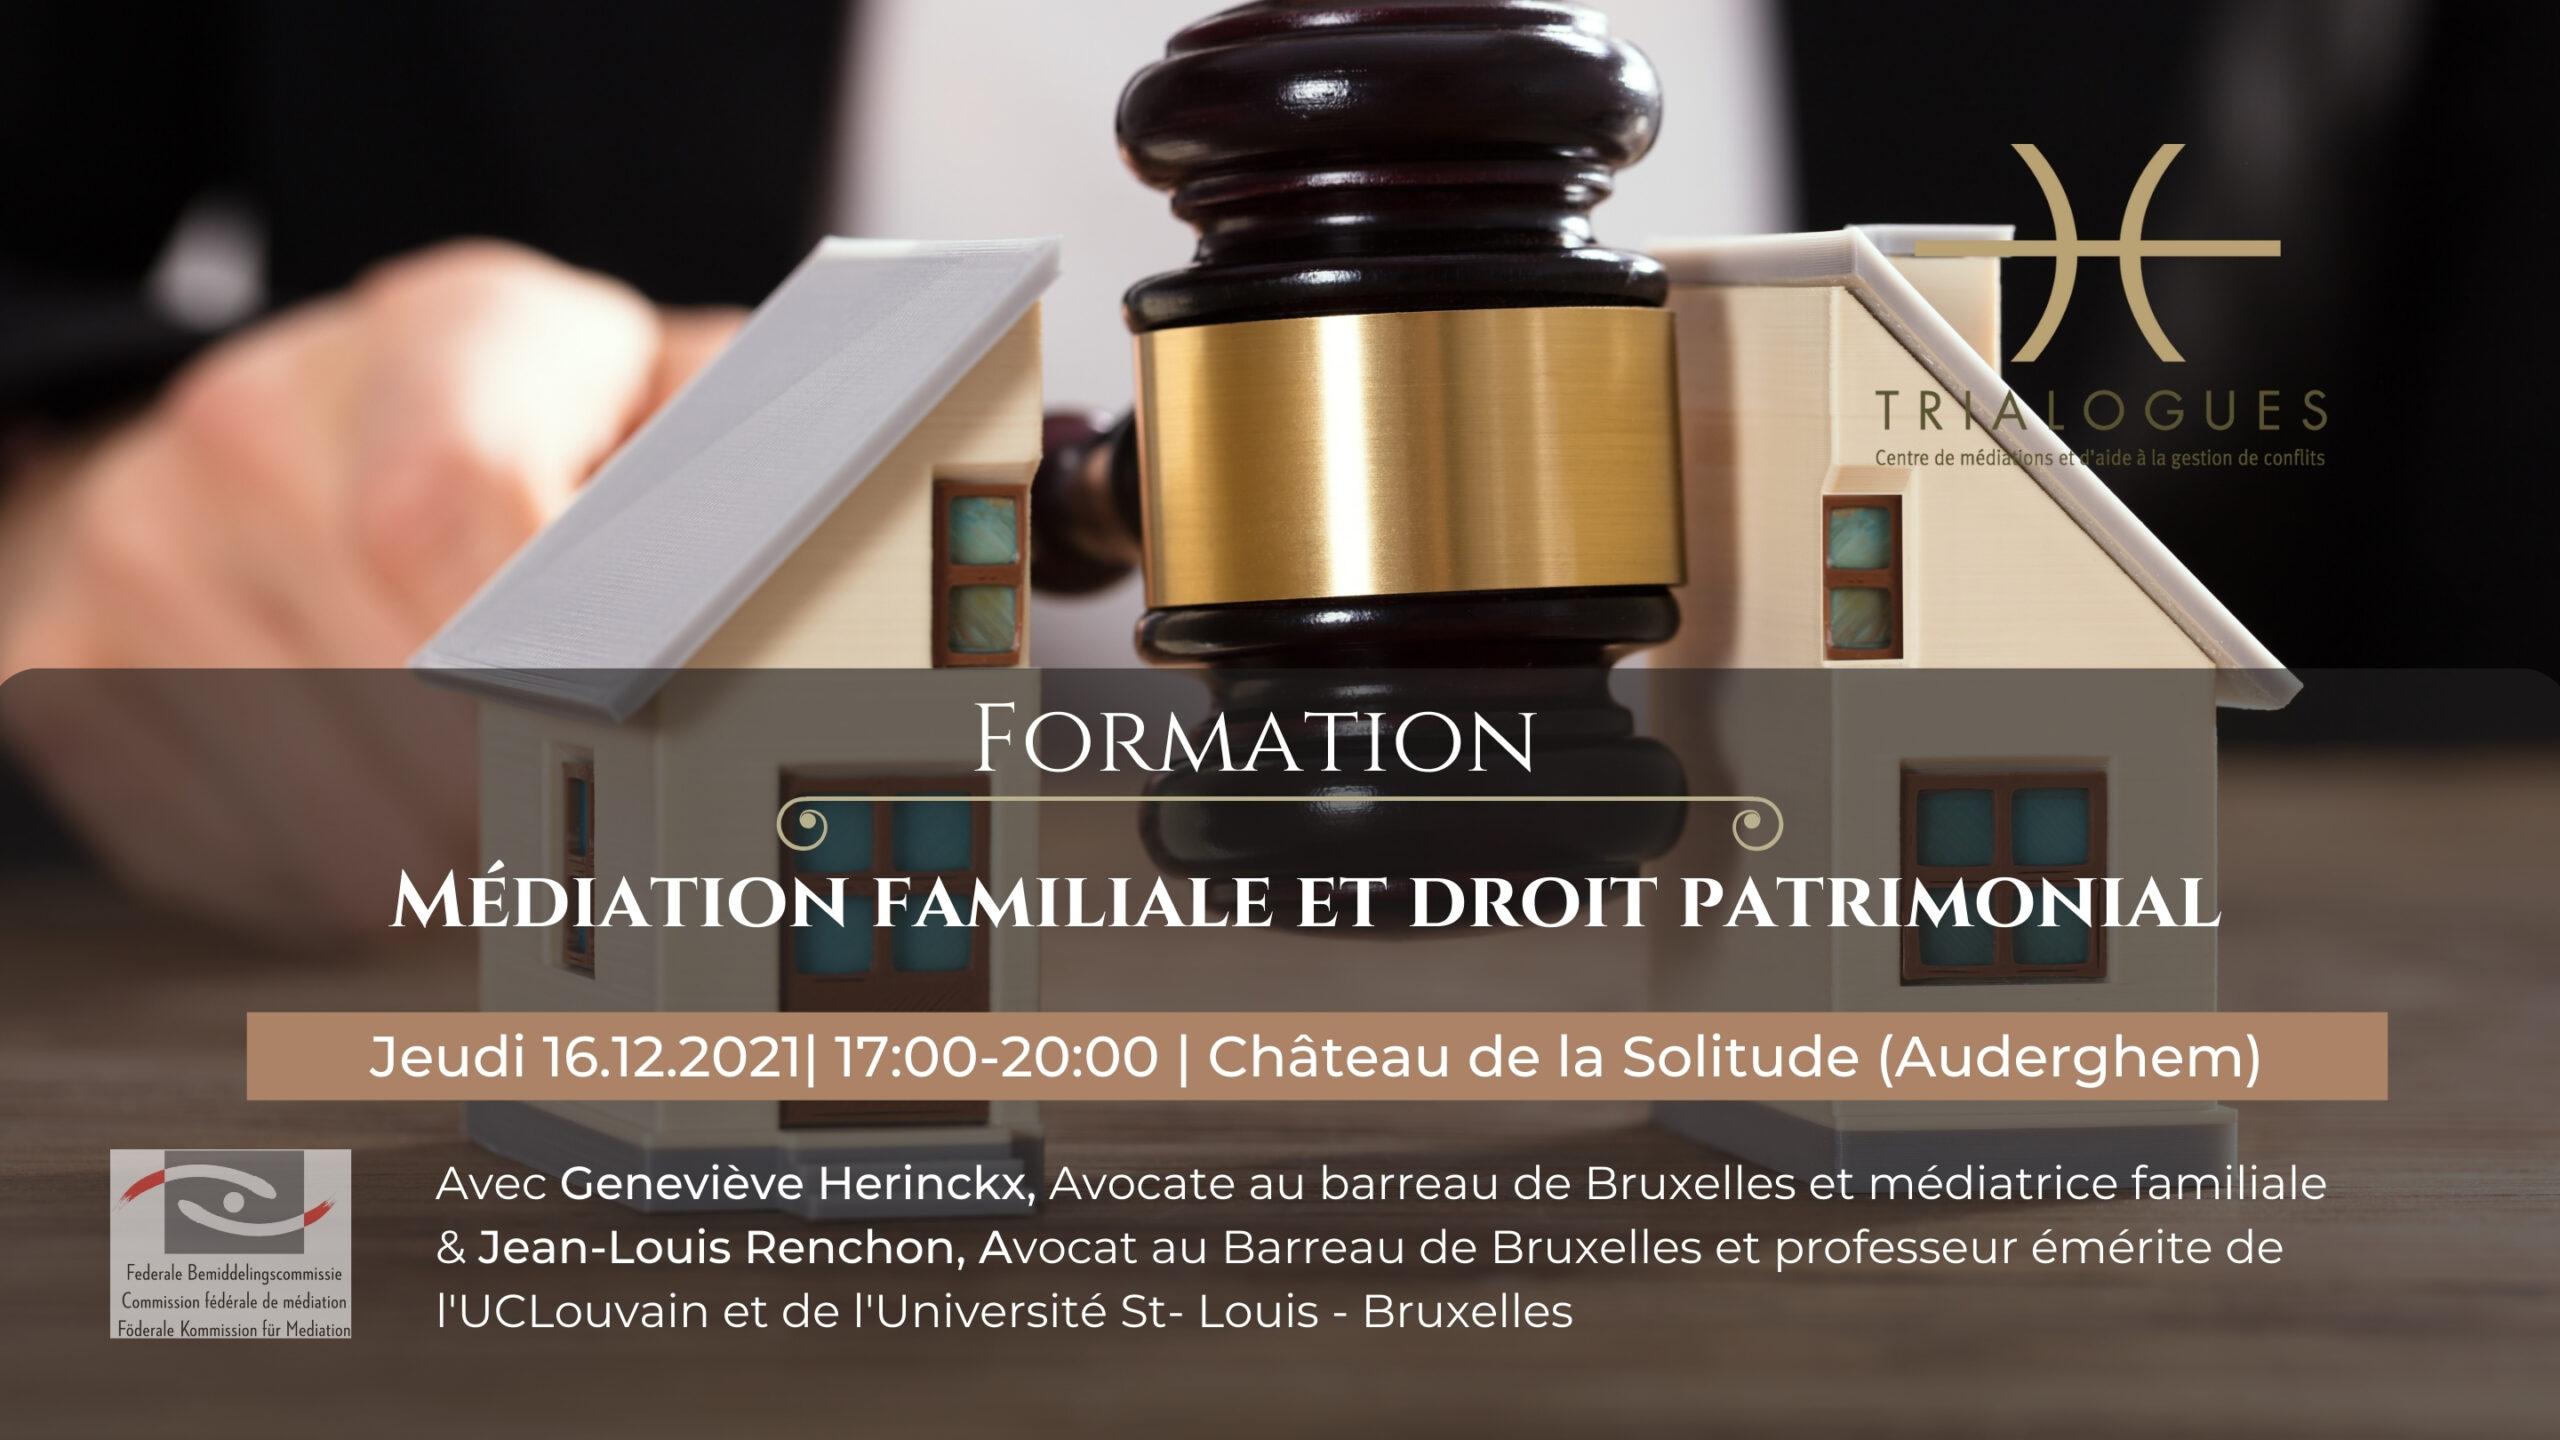 Médiation familiale et droit patrimonial